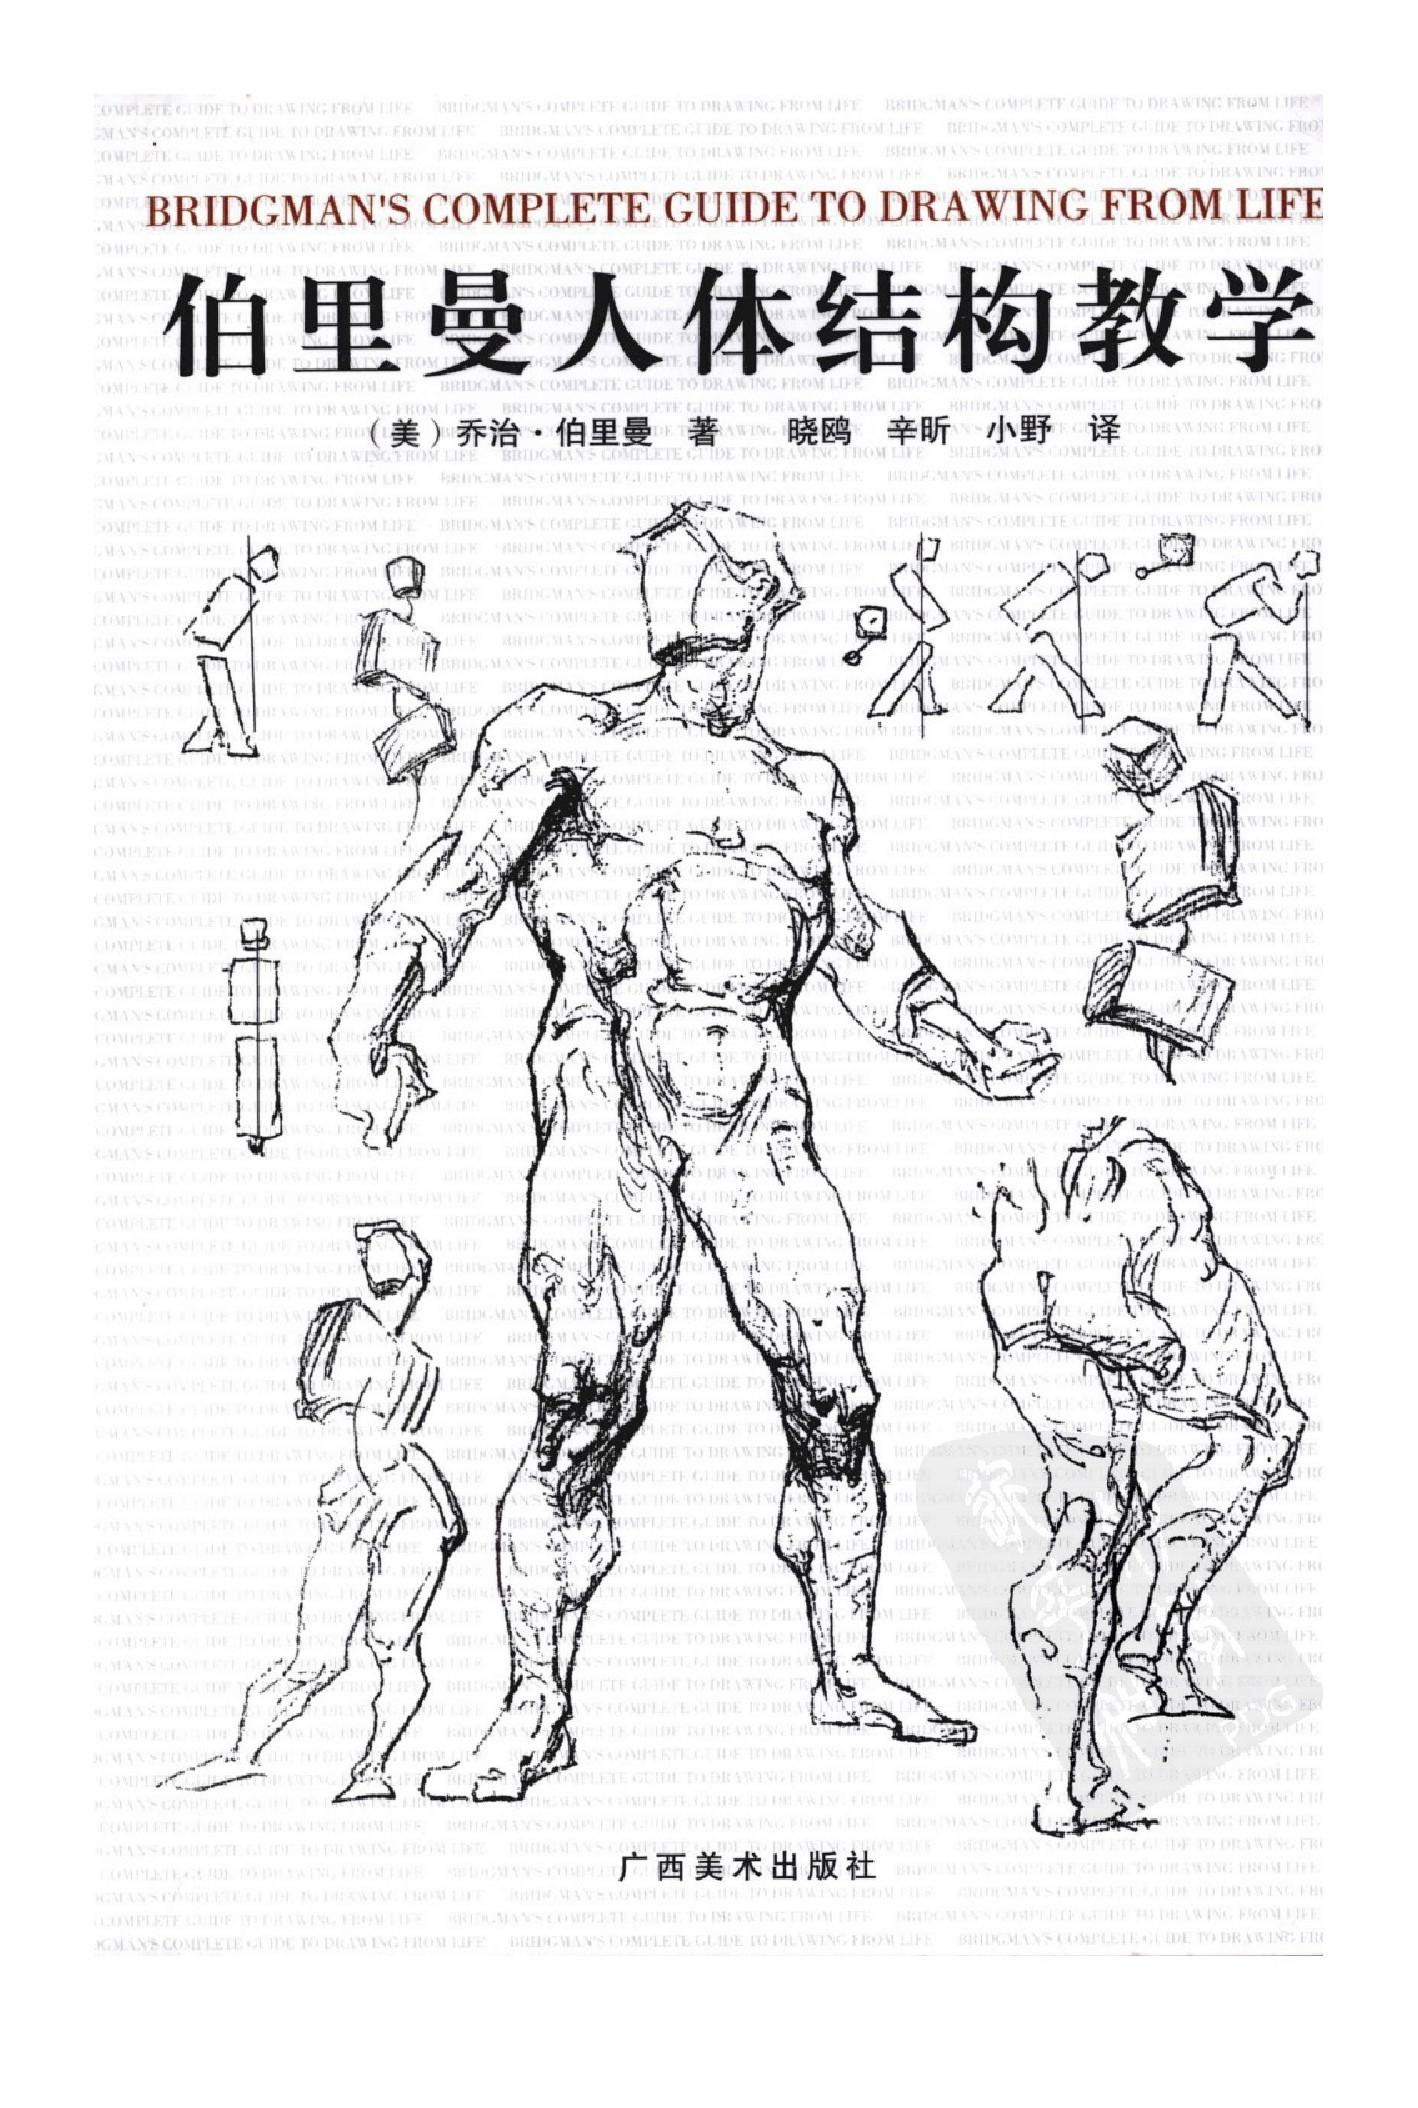 【人体结构伯里曼】